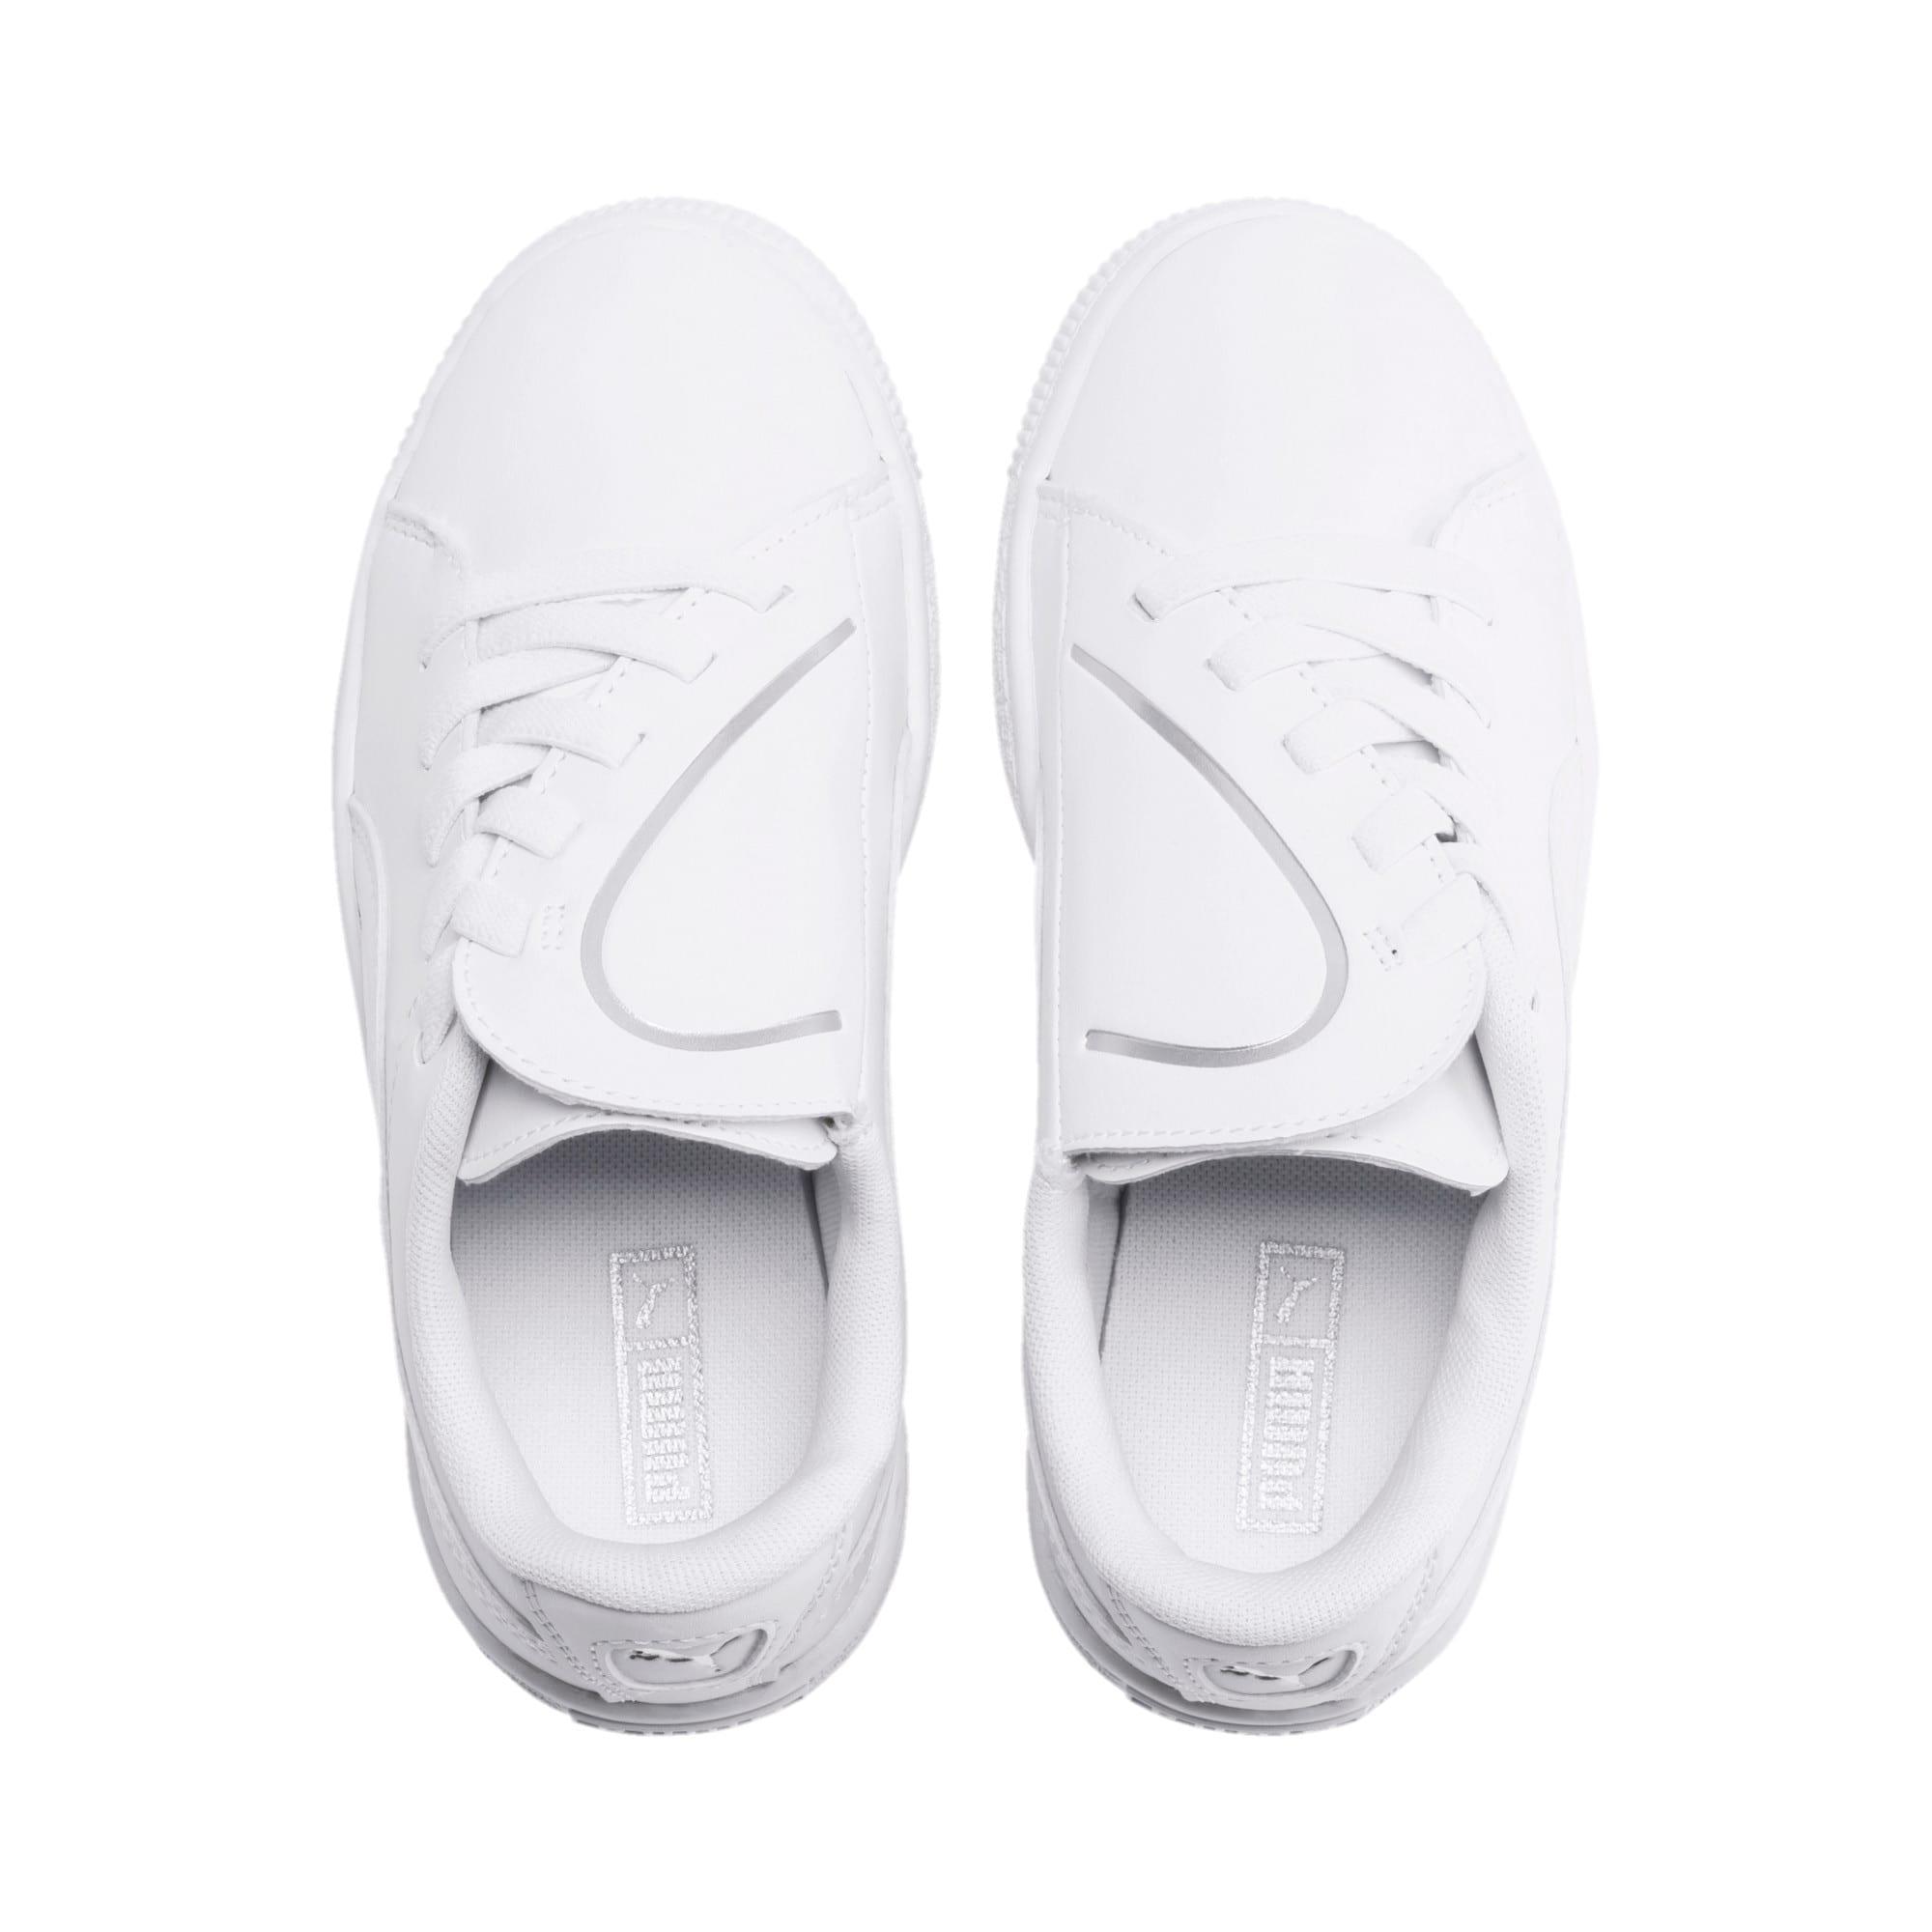 Miniatura 6 de Zapatos Basket Crush AC para niños, Puma White-Puma Silver, mediano